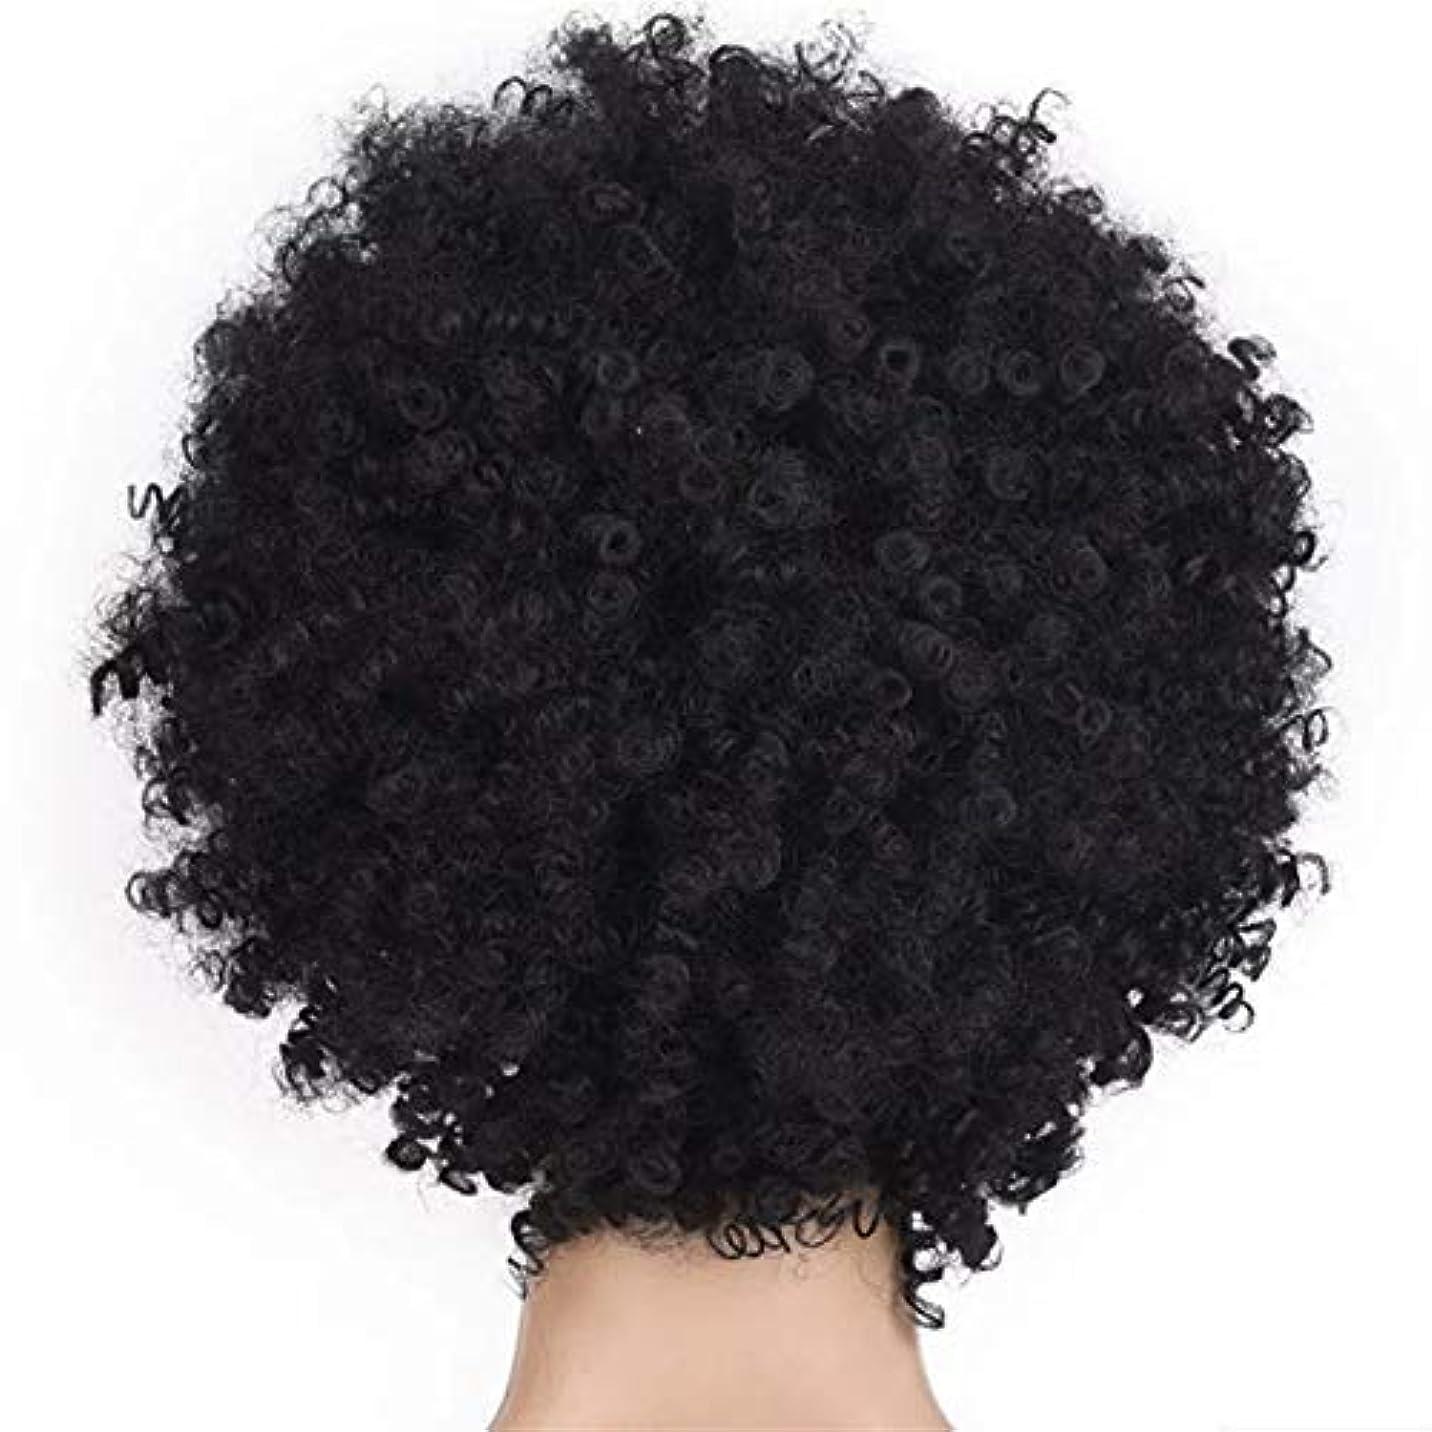 ヘッジそれシルクSRY-Wigファッション ファッション短い髪の女性のかつらかつらアフリカのかつら爆発的なヘッドかつら女性高温シルク化学繊維かつらヘッドギア (Color : Black)